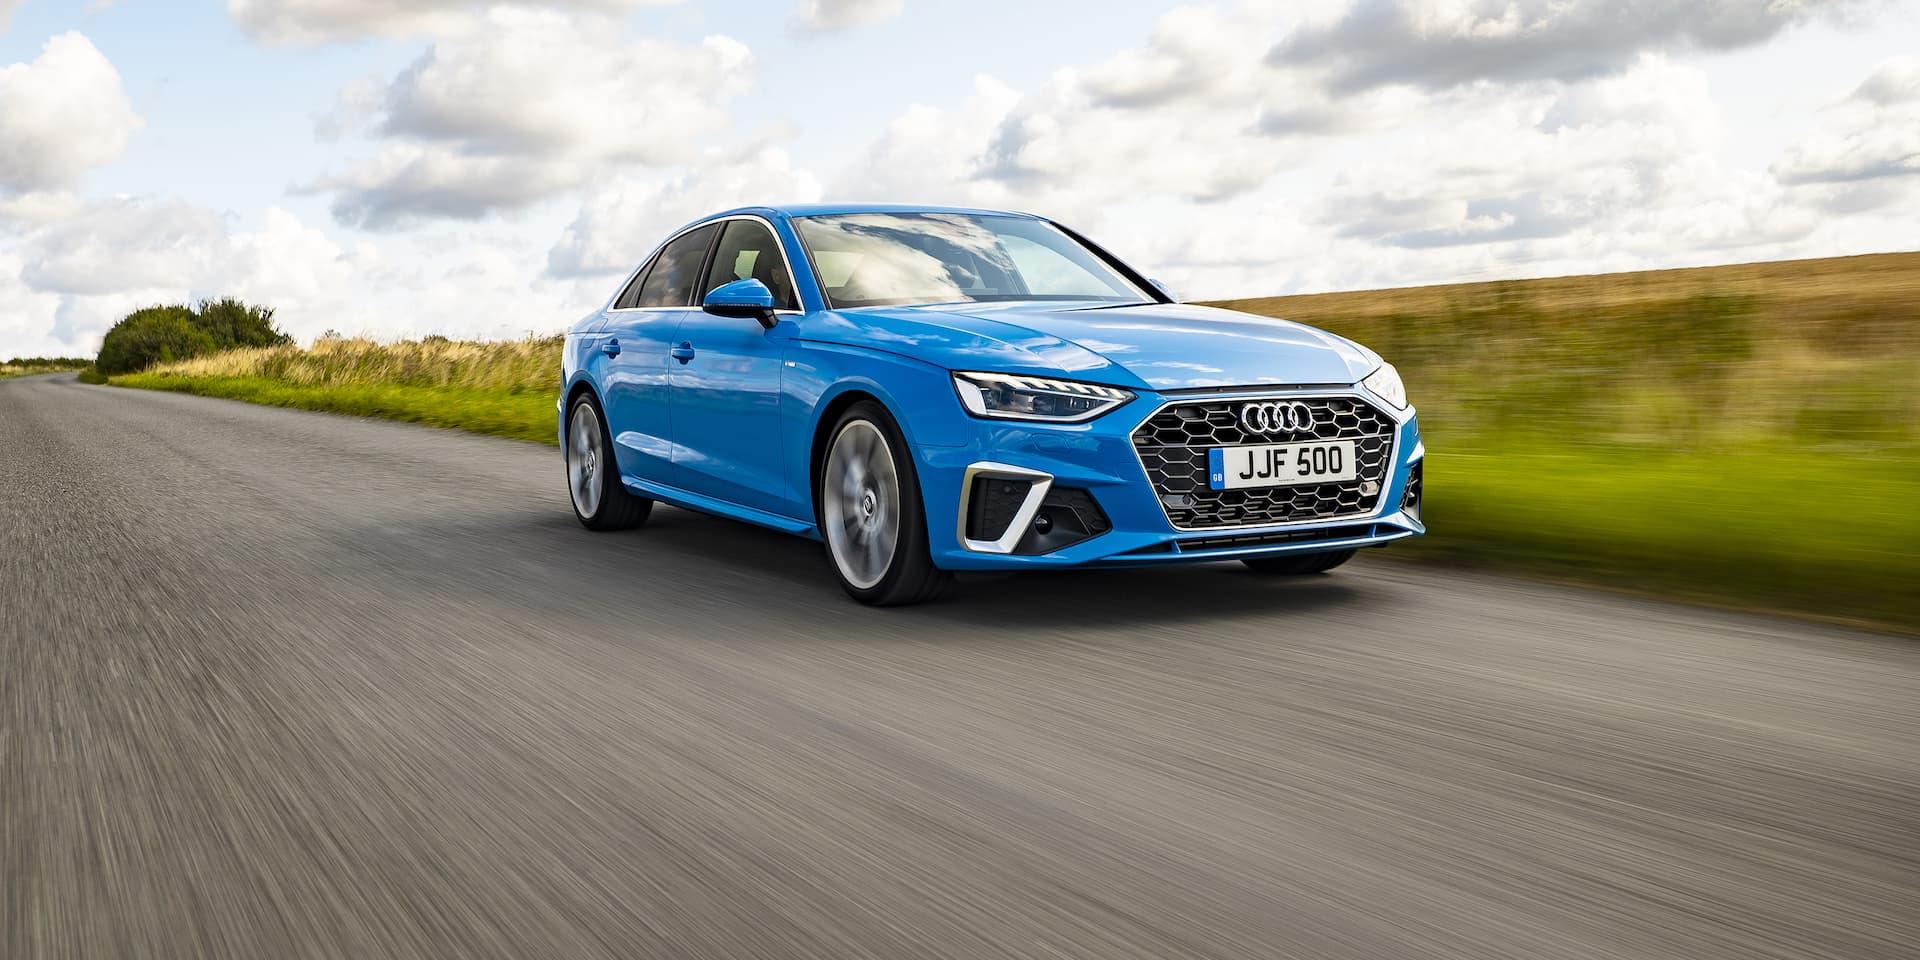 2020 Audi A4 saloon Expert Rating   The Car Expert